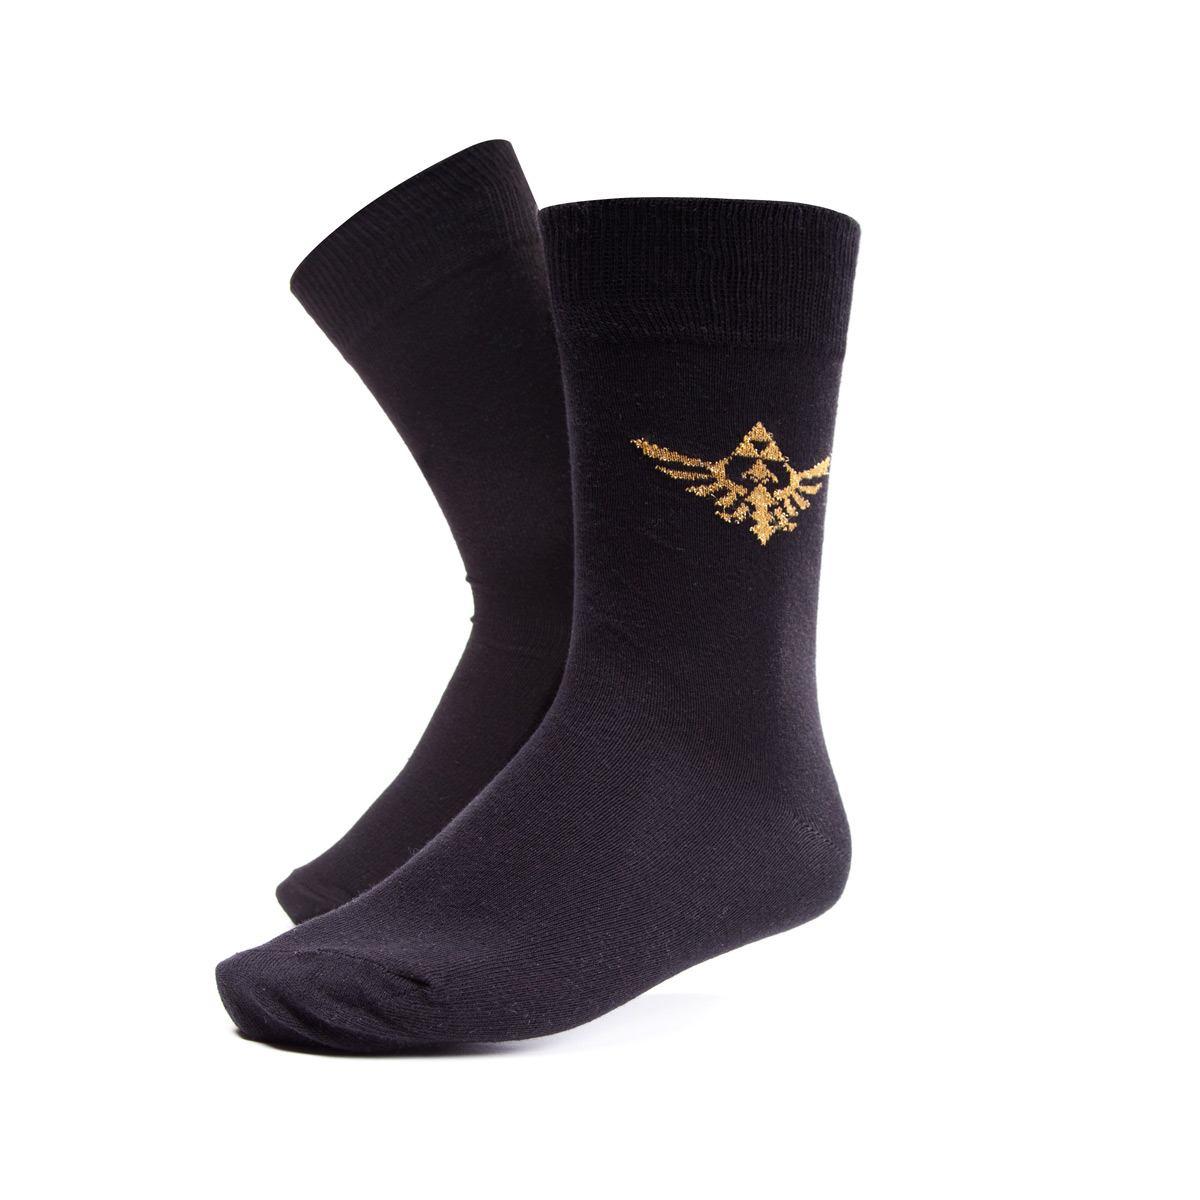 2022026-NINTENDO-Legend-of-Zelda-Royal-Crest-Crew-Socks-Male-39-42-Black-CR4